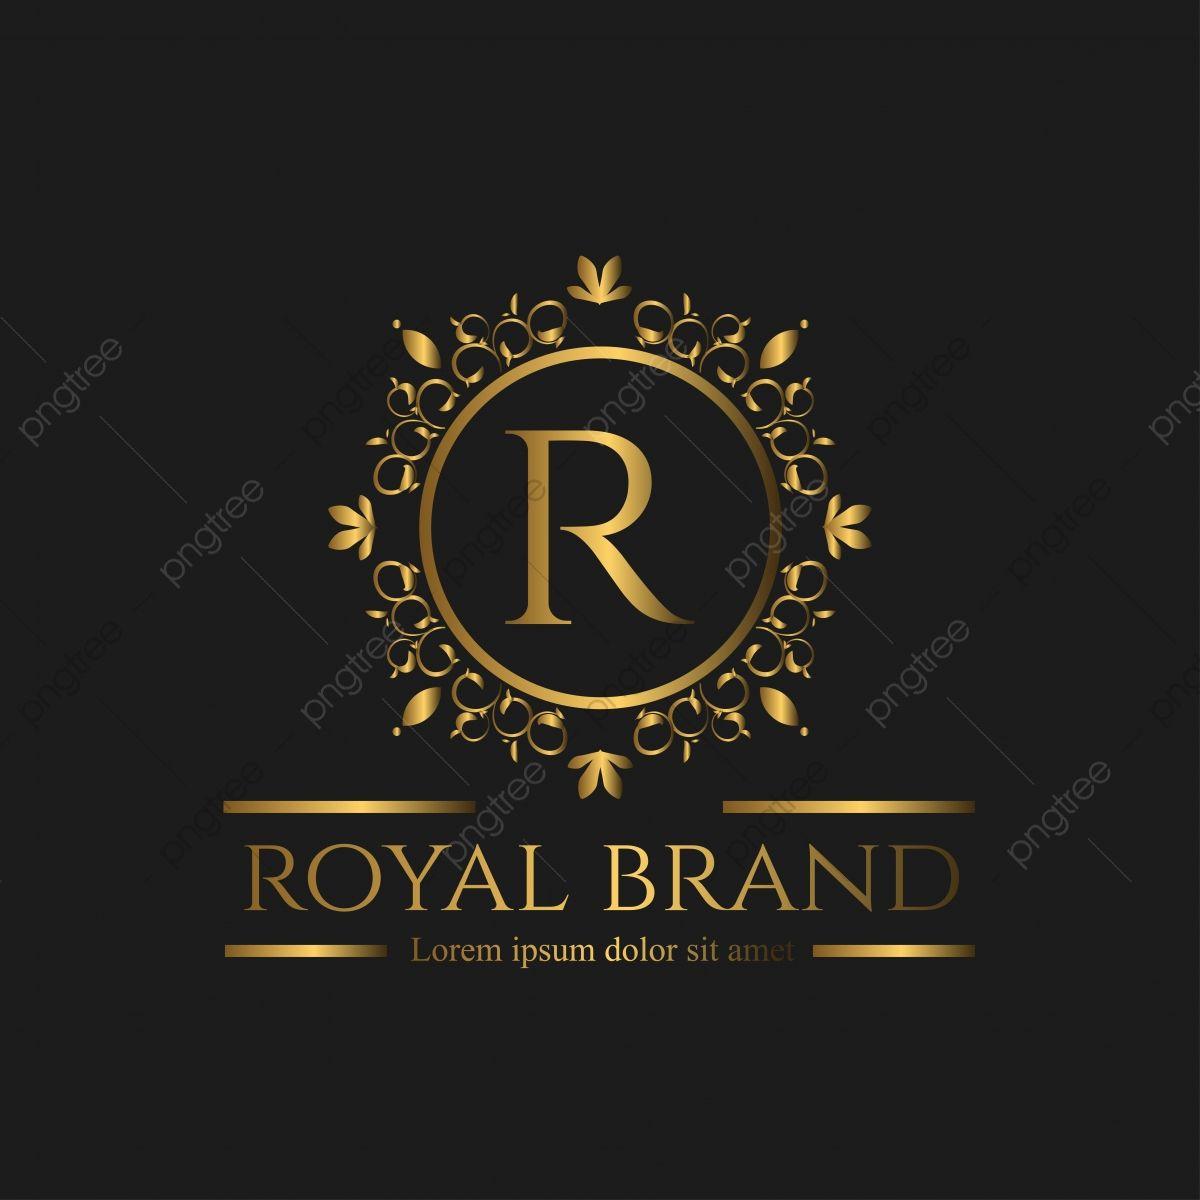 Luxo Com Logotipo Da Cor Dourada Logotipo Real Luxo Imagem Png E Vetor Para Download Gratuito Royal Logo Luxury Logo Boutique Logo